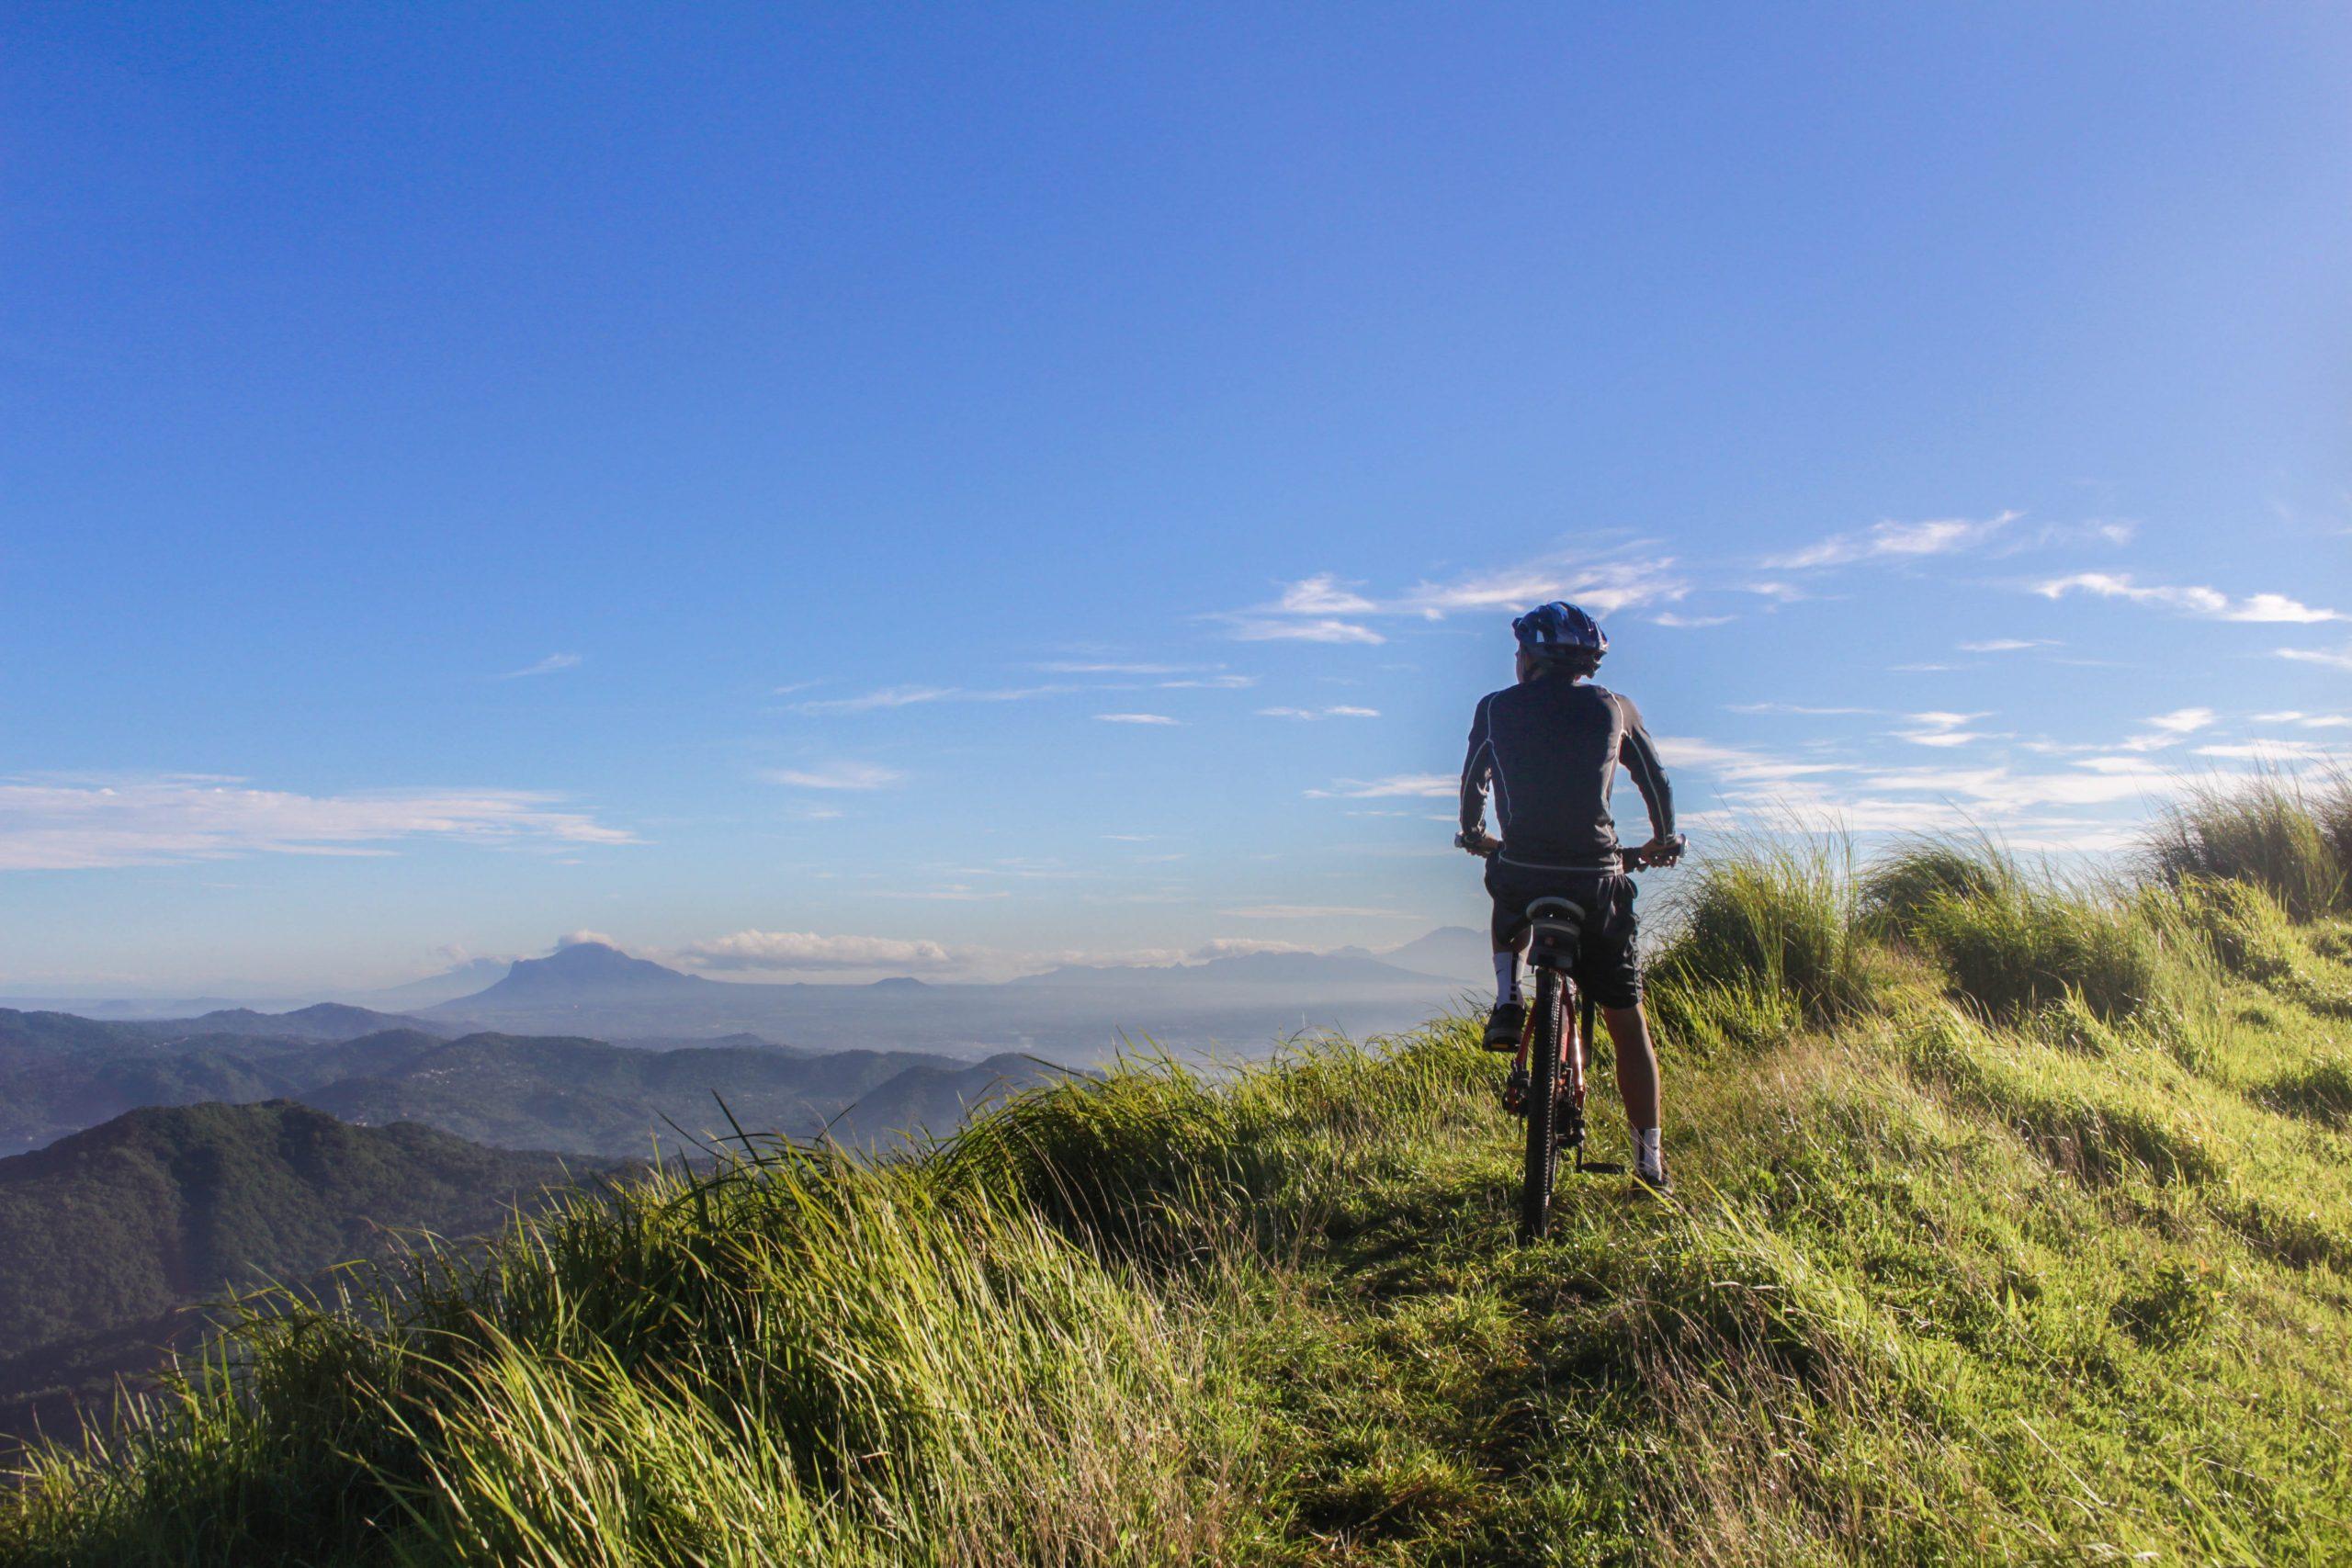 bicicleta montaña ruta alsa